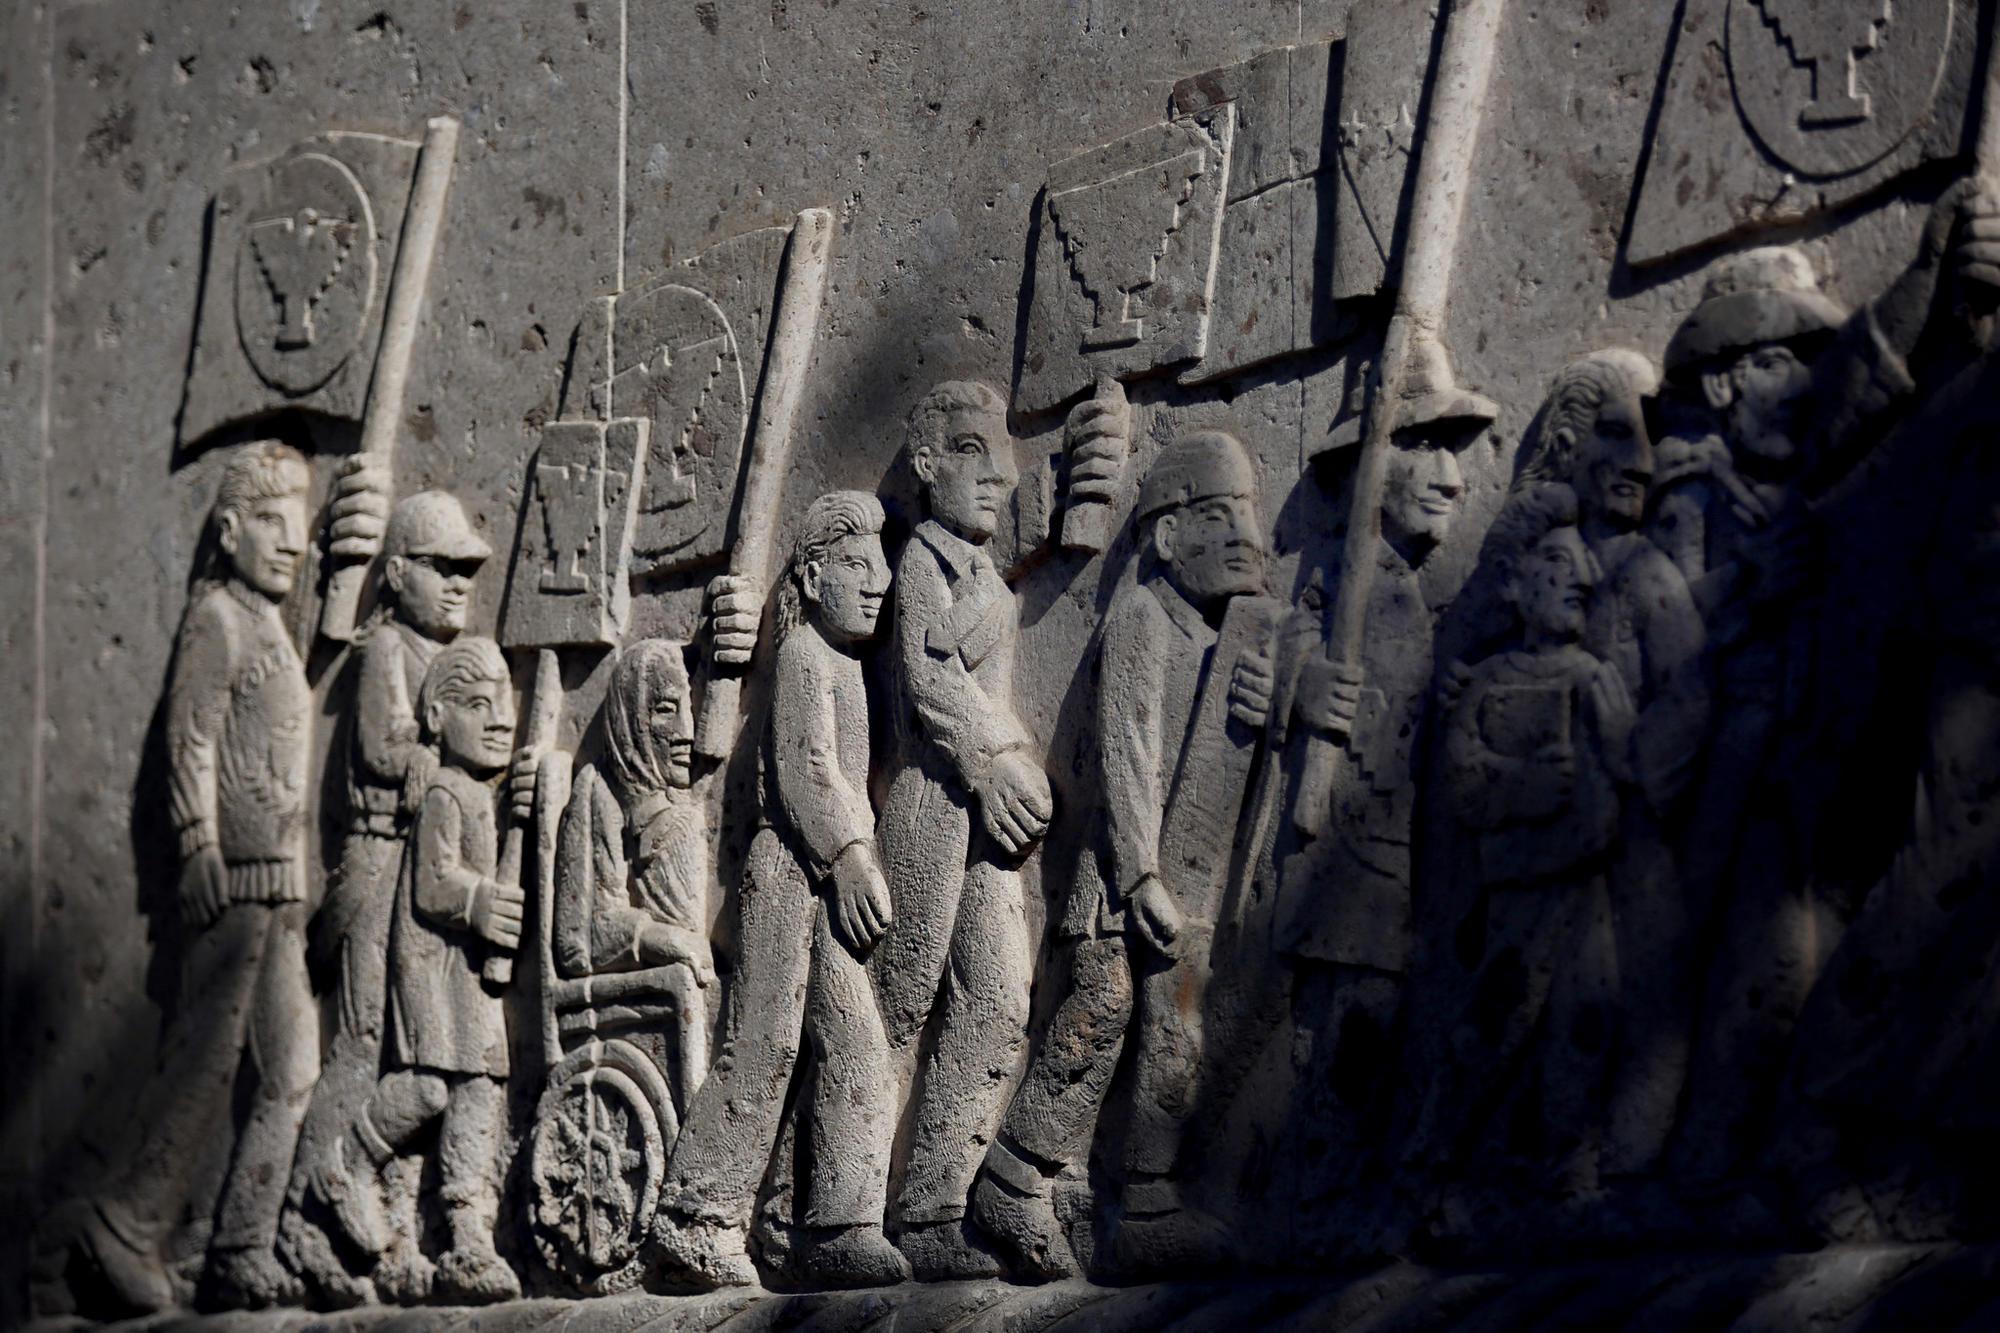 César E. Chávez National Monument